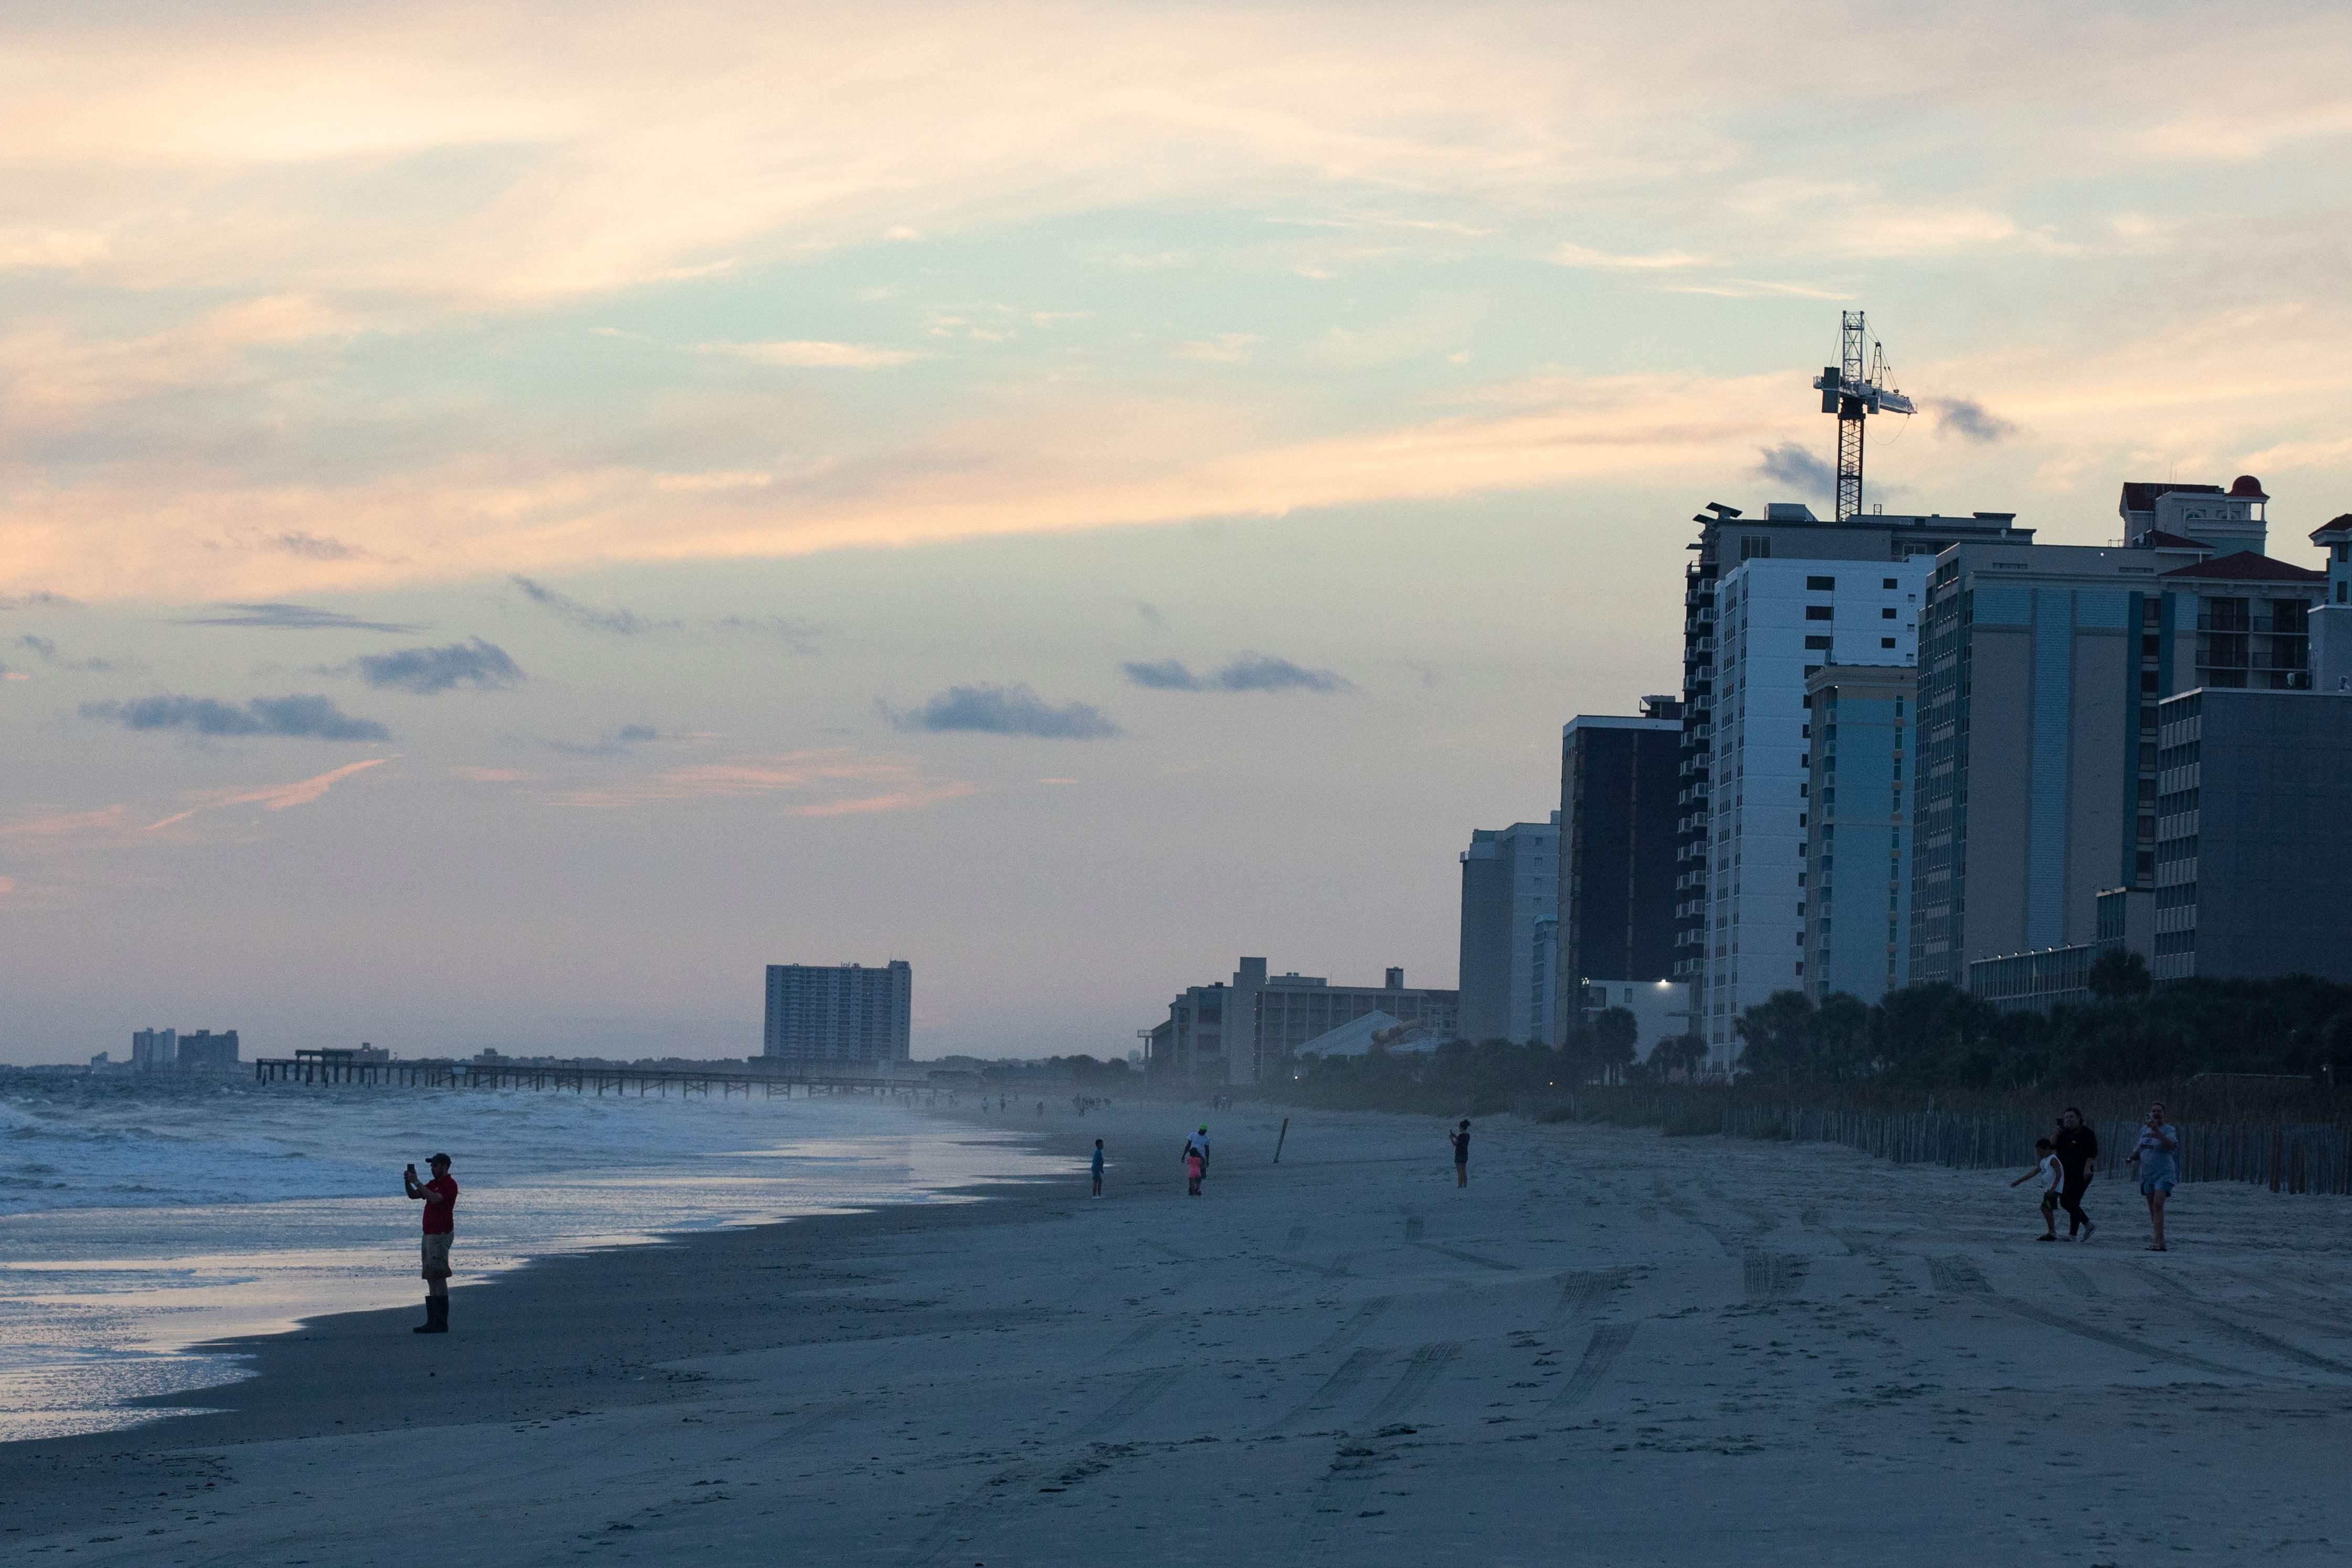 شاطئ كارولينا وسط سحب الامطار